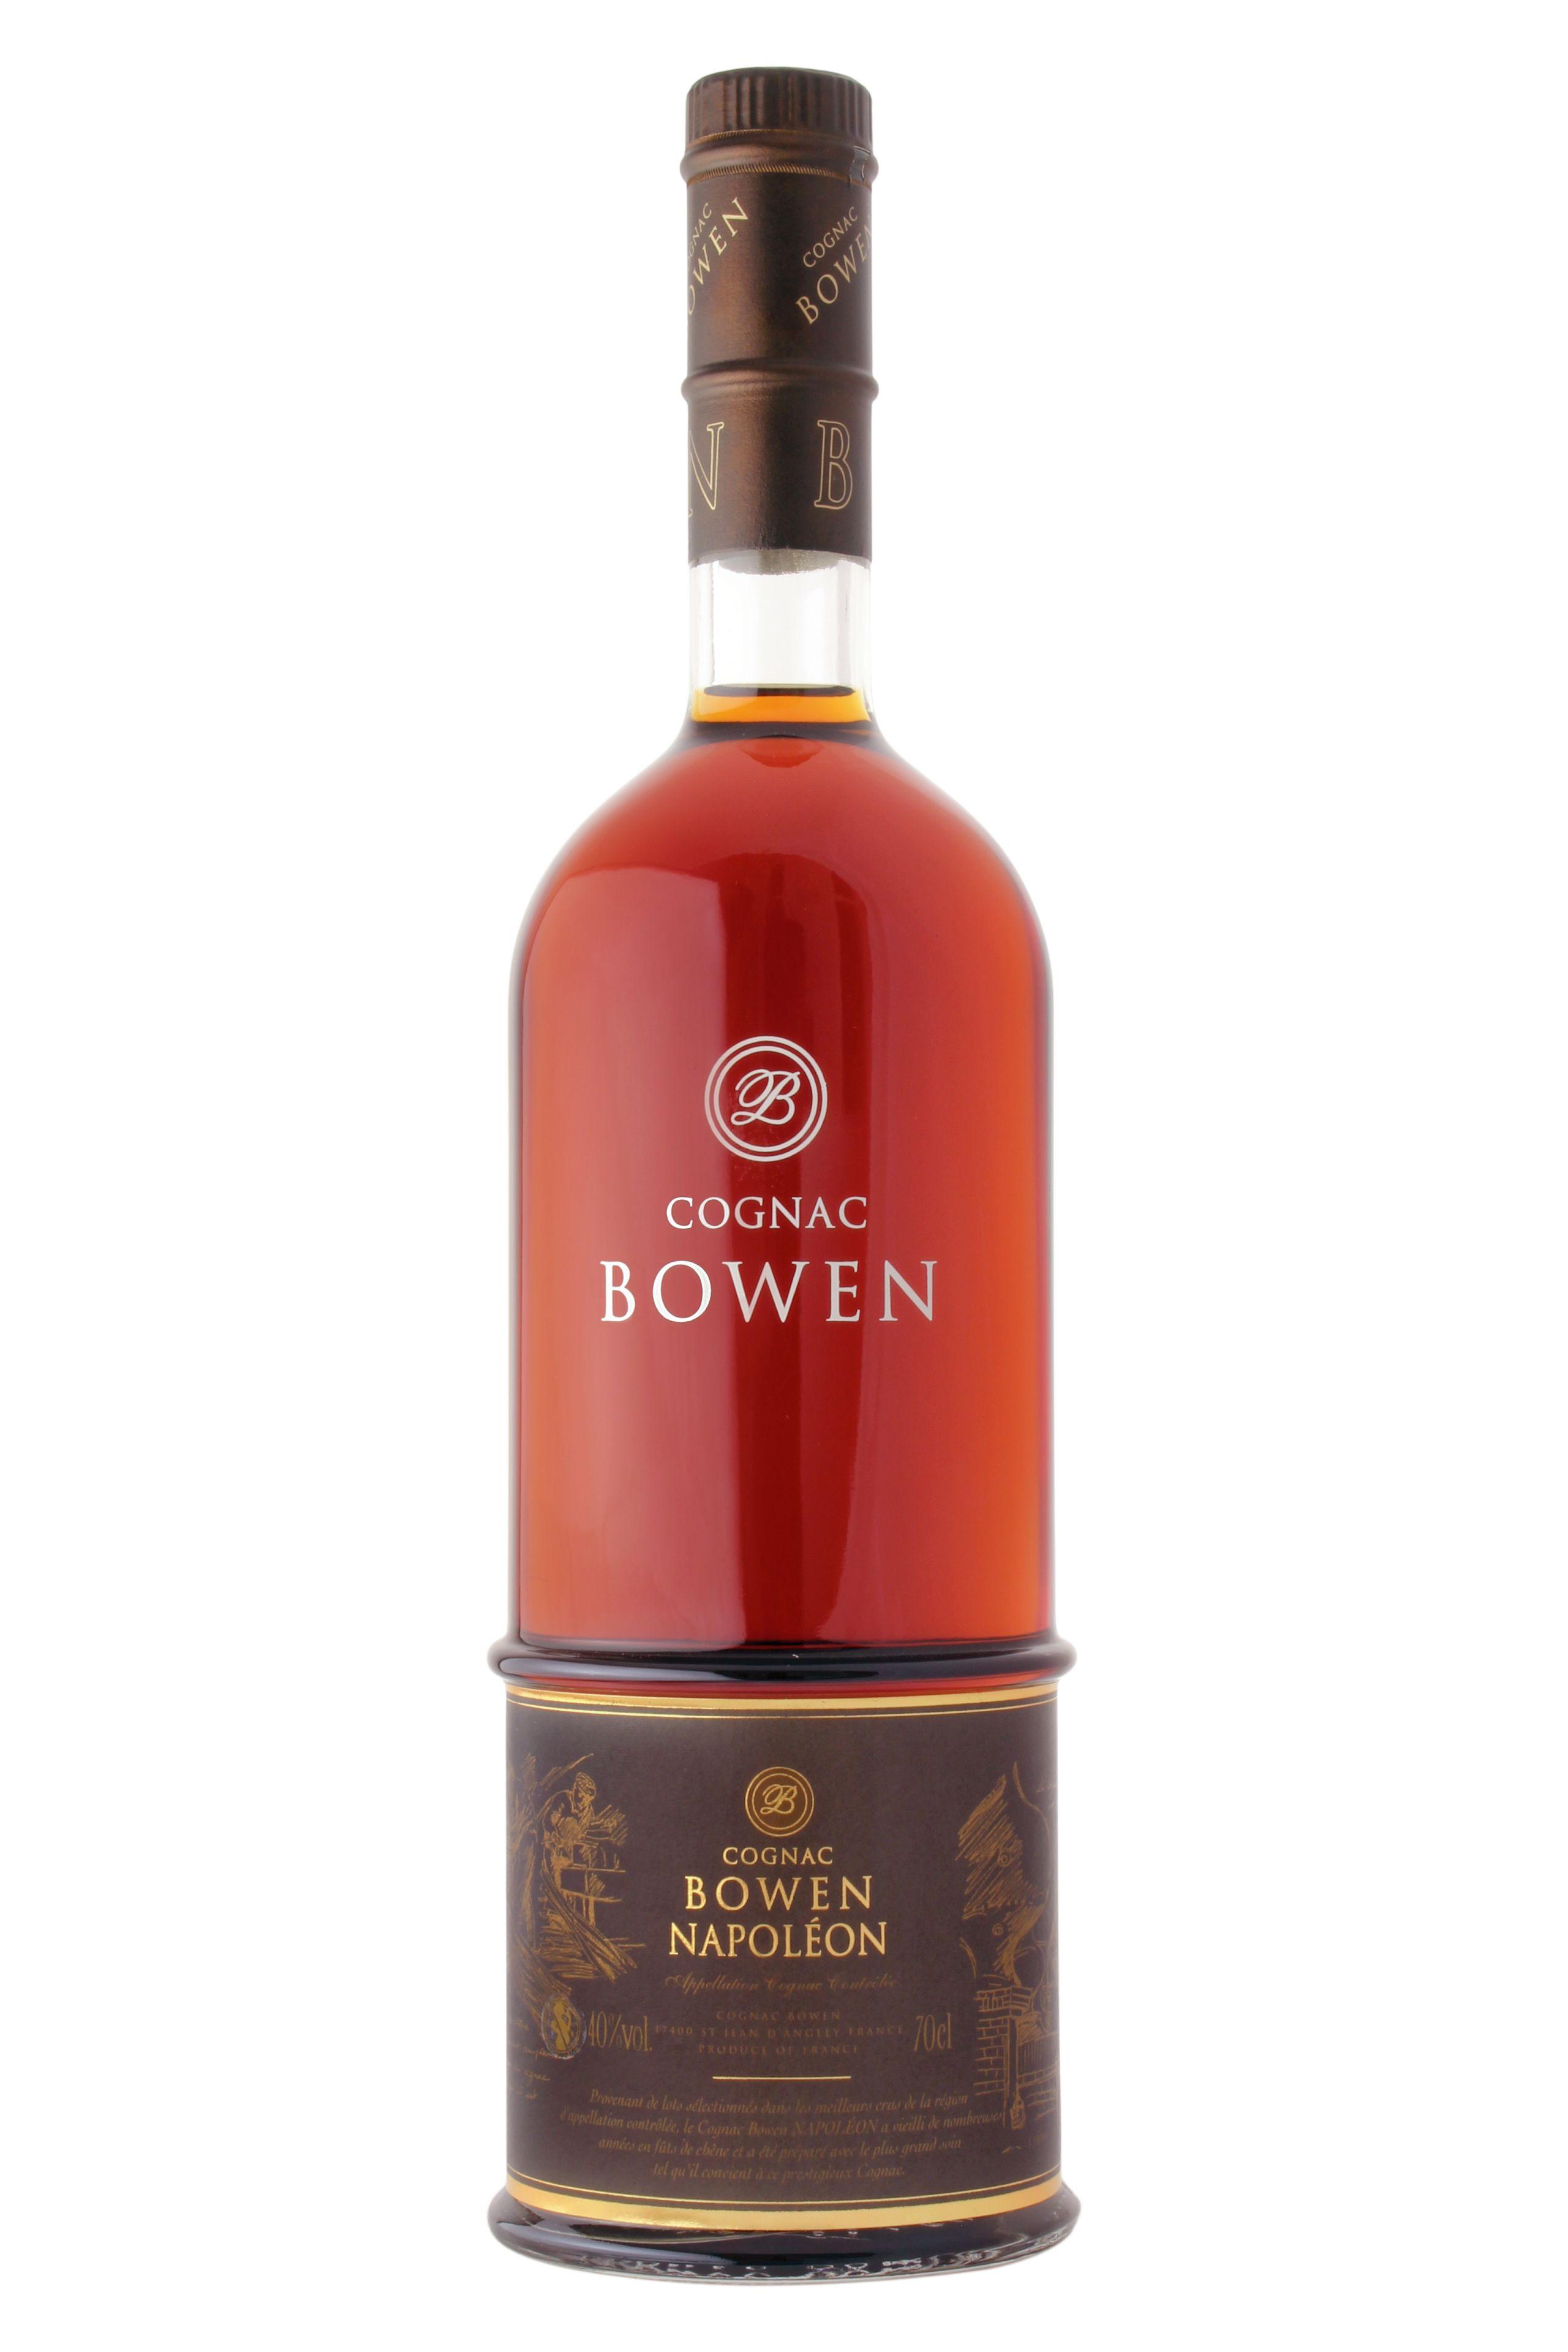 Bowen Napoleon Cognac Cognac Buy Online And Find Prices On Cognac Expert Com Napoleon Cognac Cognac Brandy Bottle